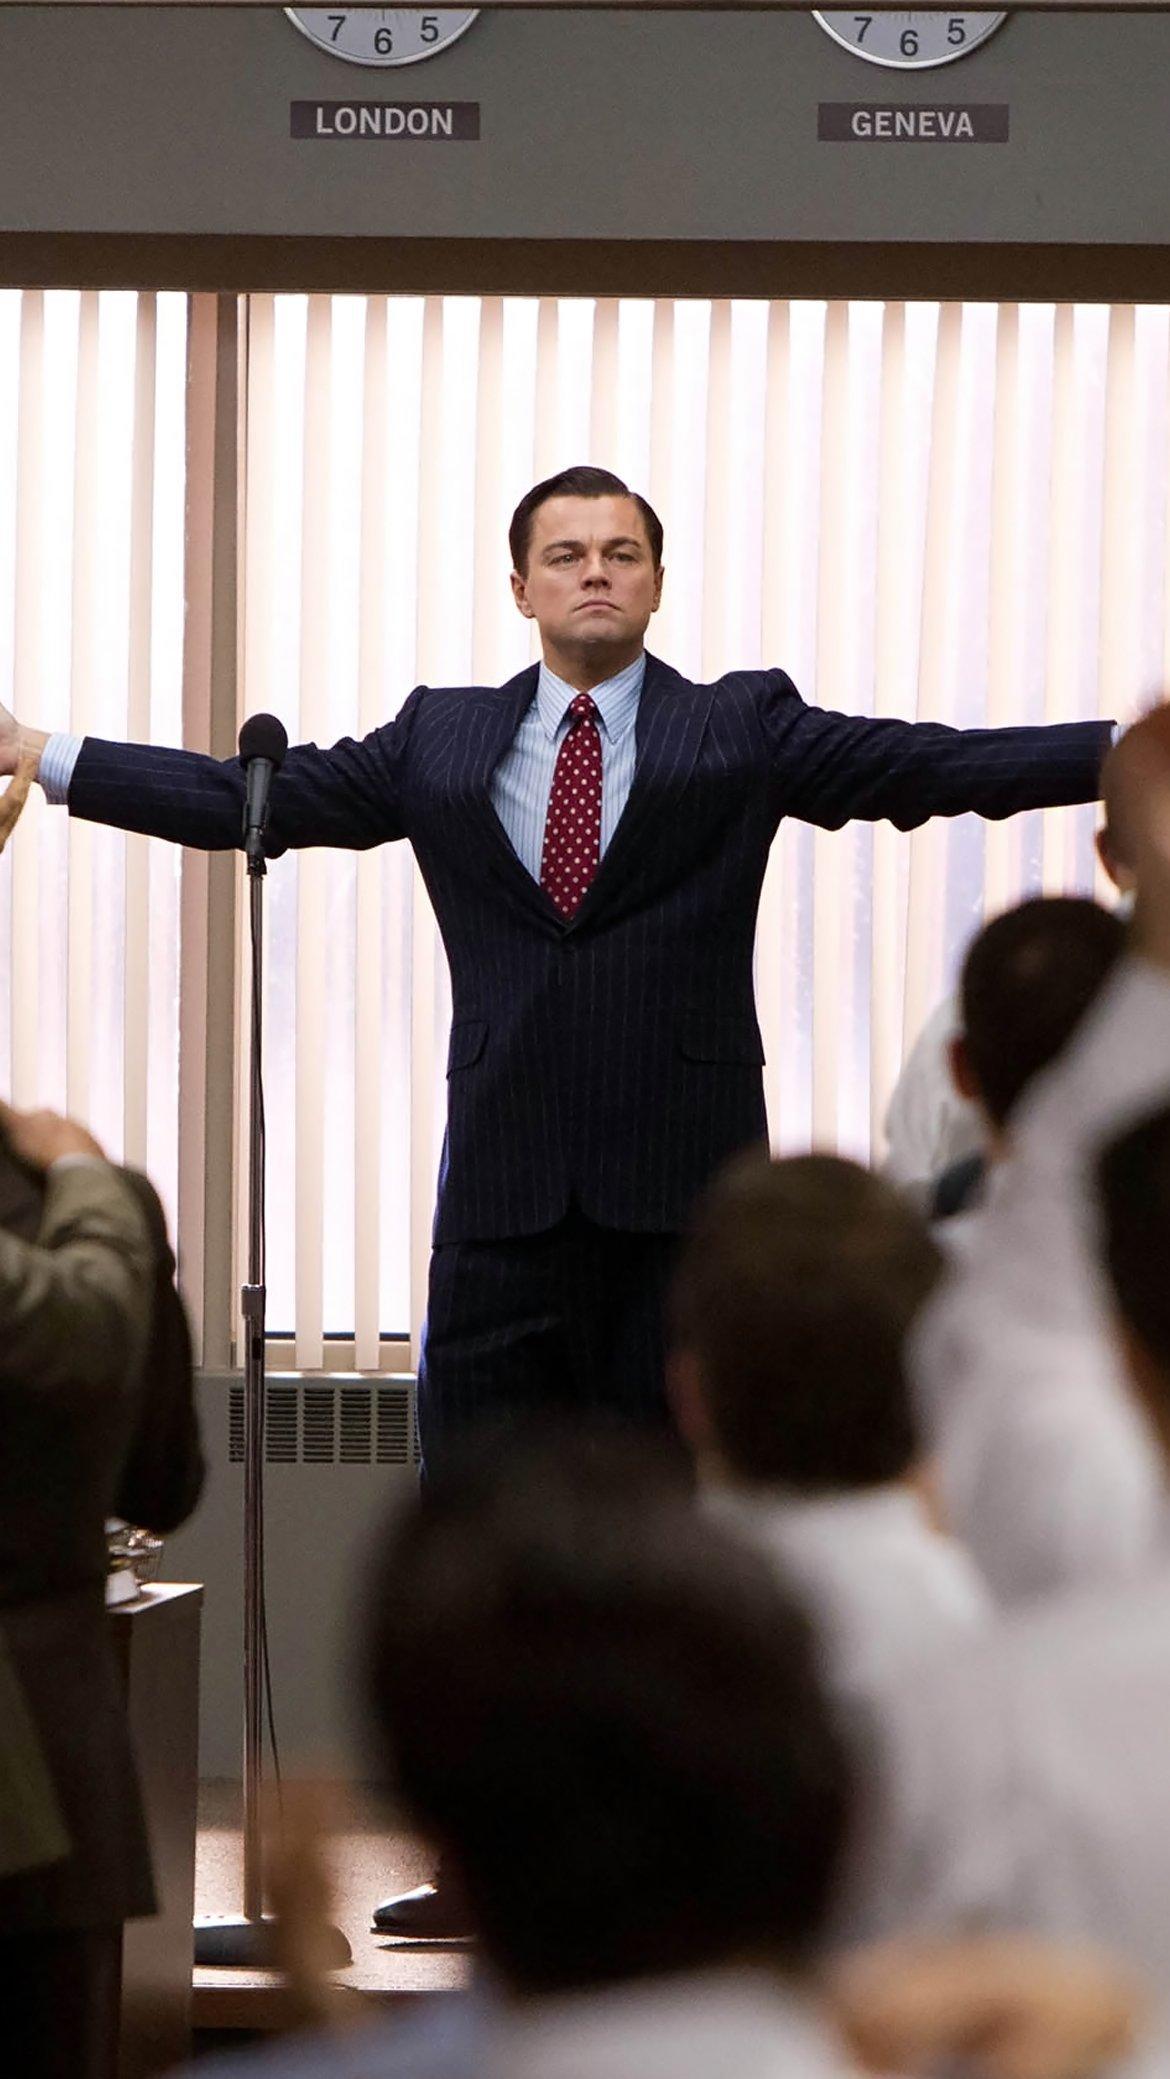 Fondos de pantalla Leonardo DiCaprio en El lobo de Wall Street Vertical